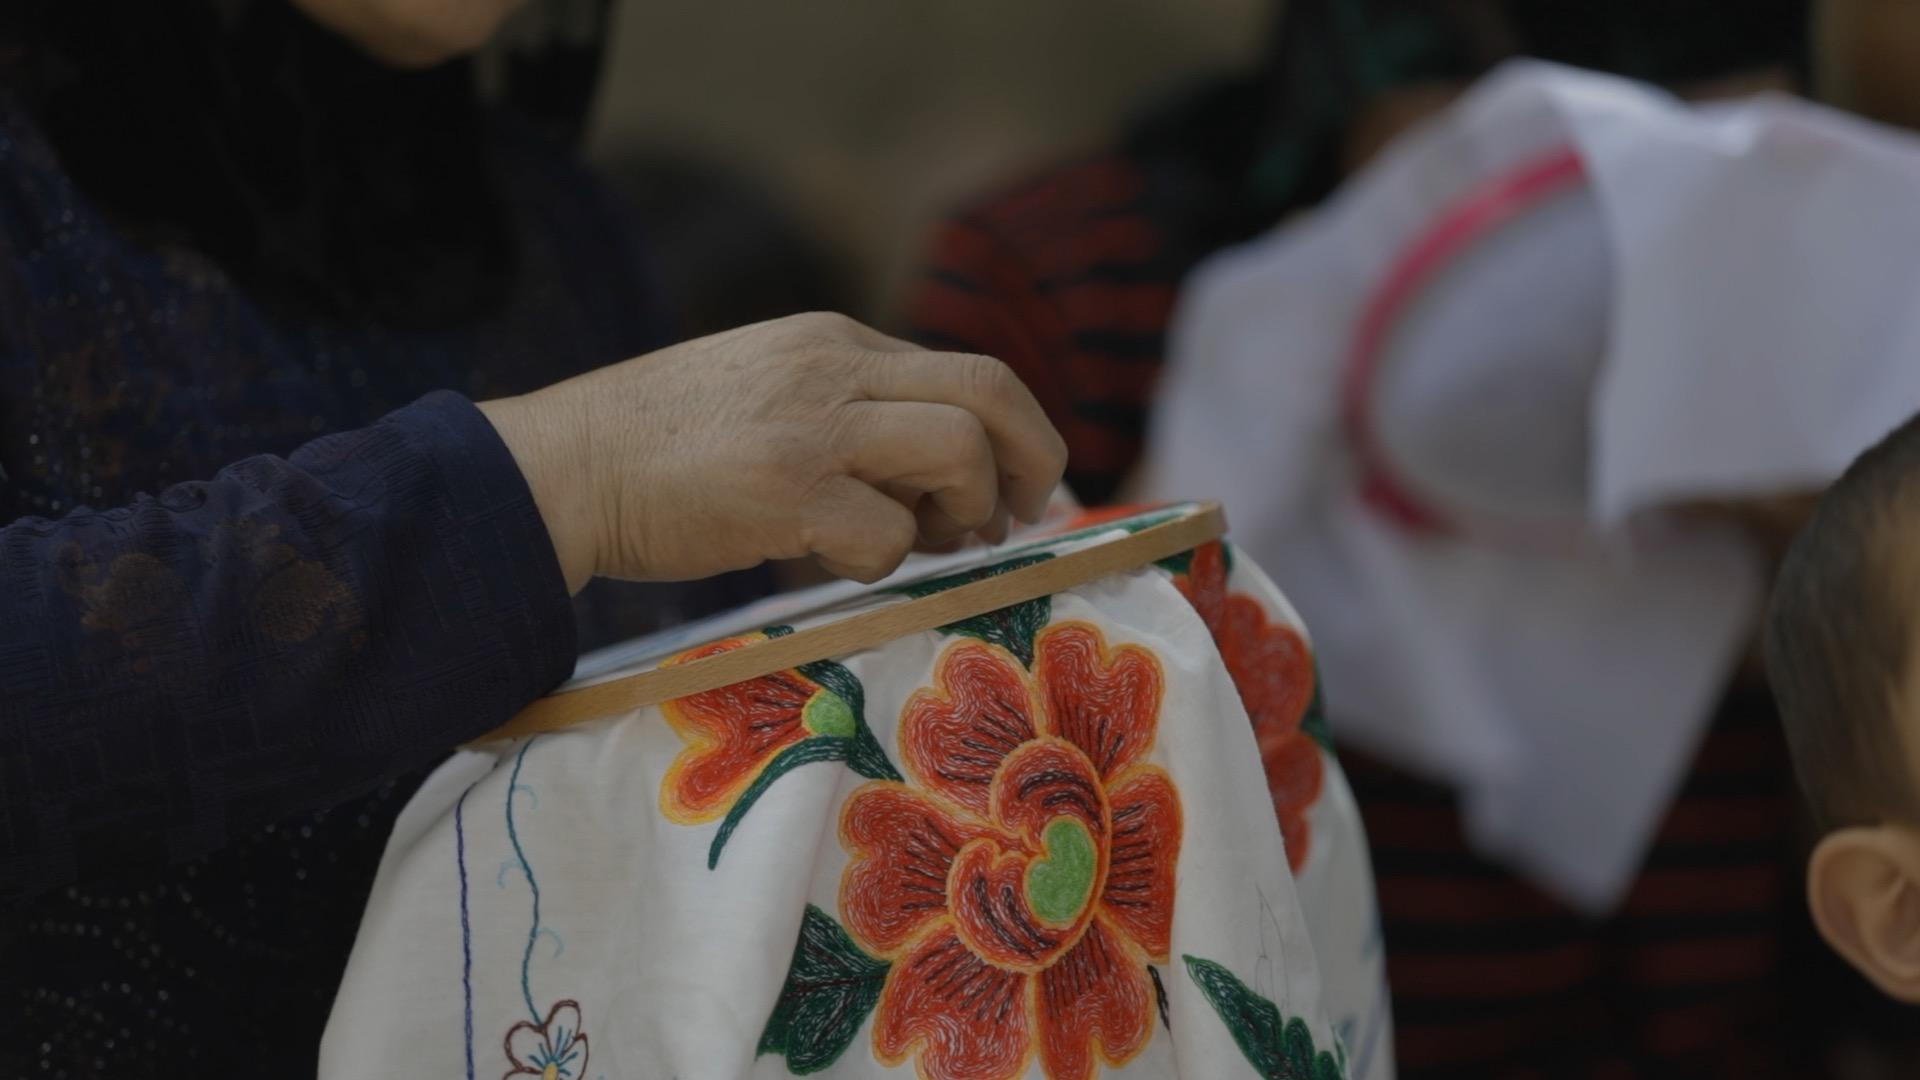 东乡族刺绣被列入第三批《临夏州非物质文化遗产名录》  摄影/张健 任玉明 吴军 周海涛